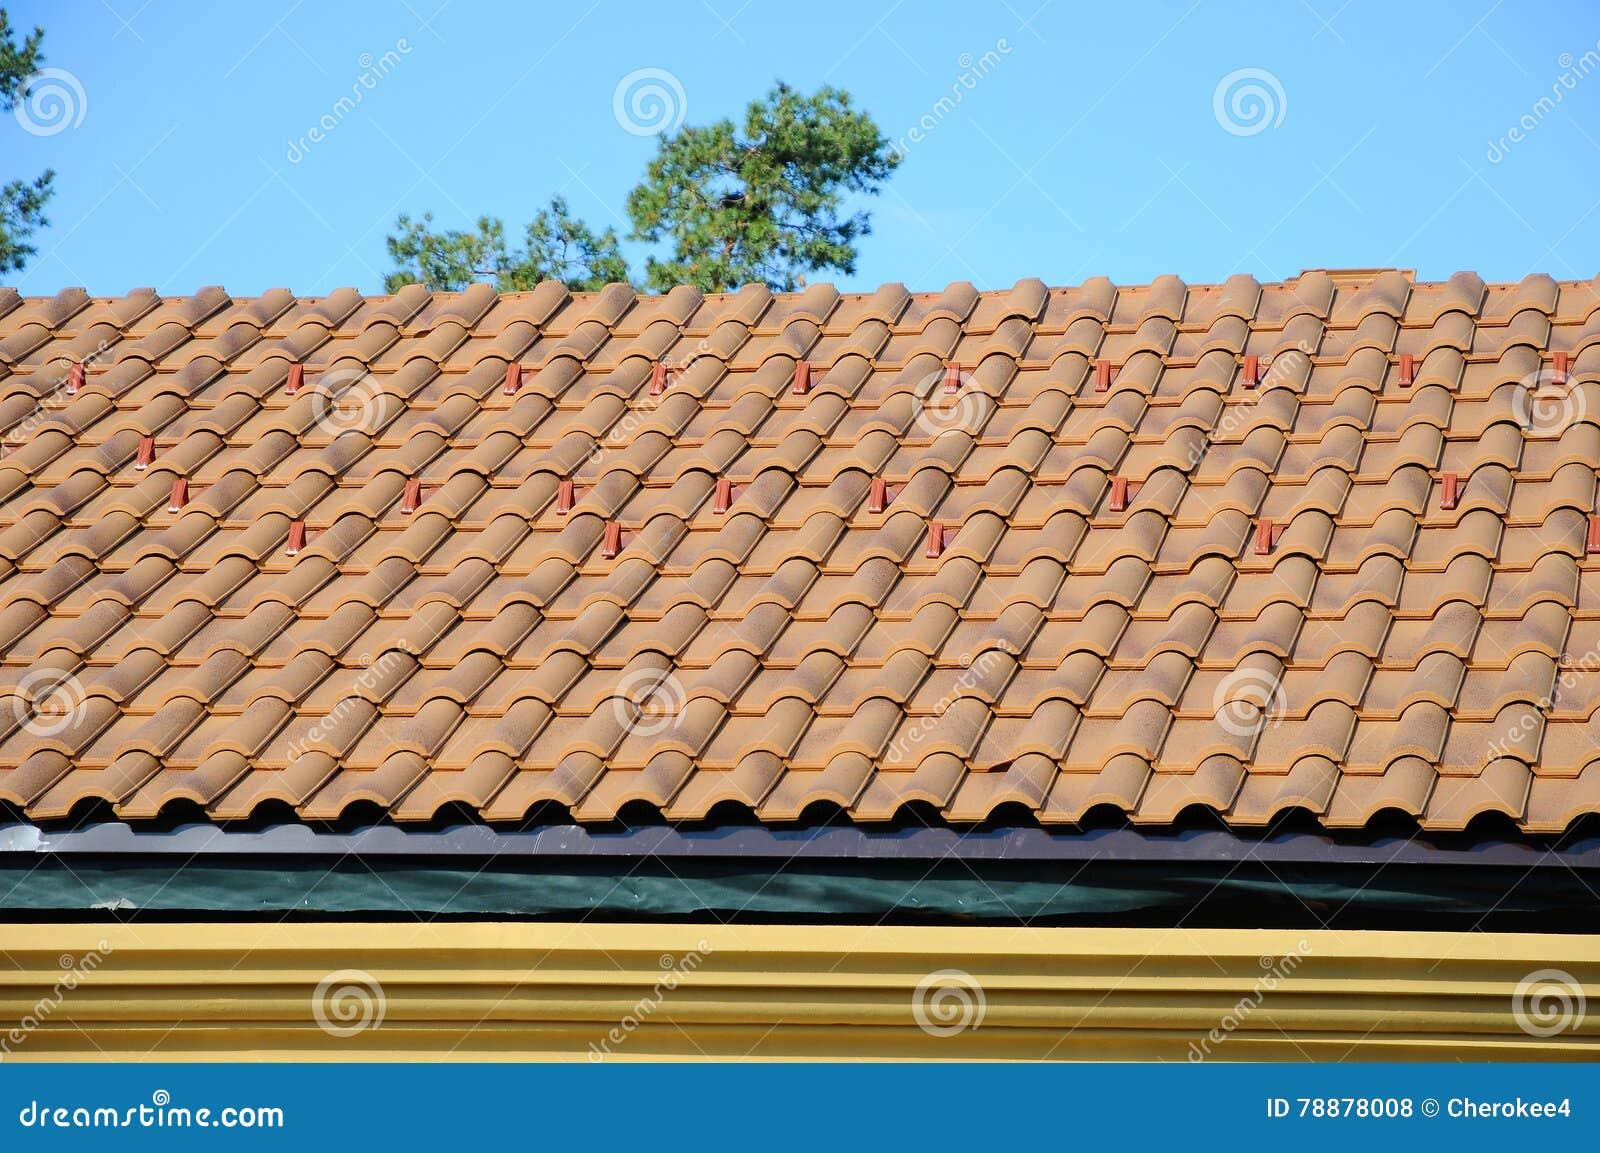 cubra la casa con el tejado tejado en el cielo azul detalle de las tejas y